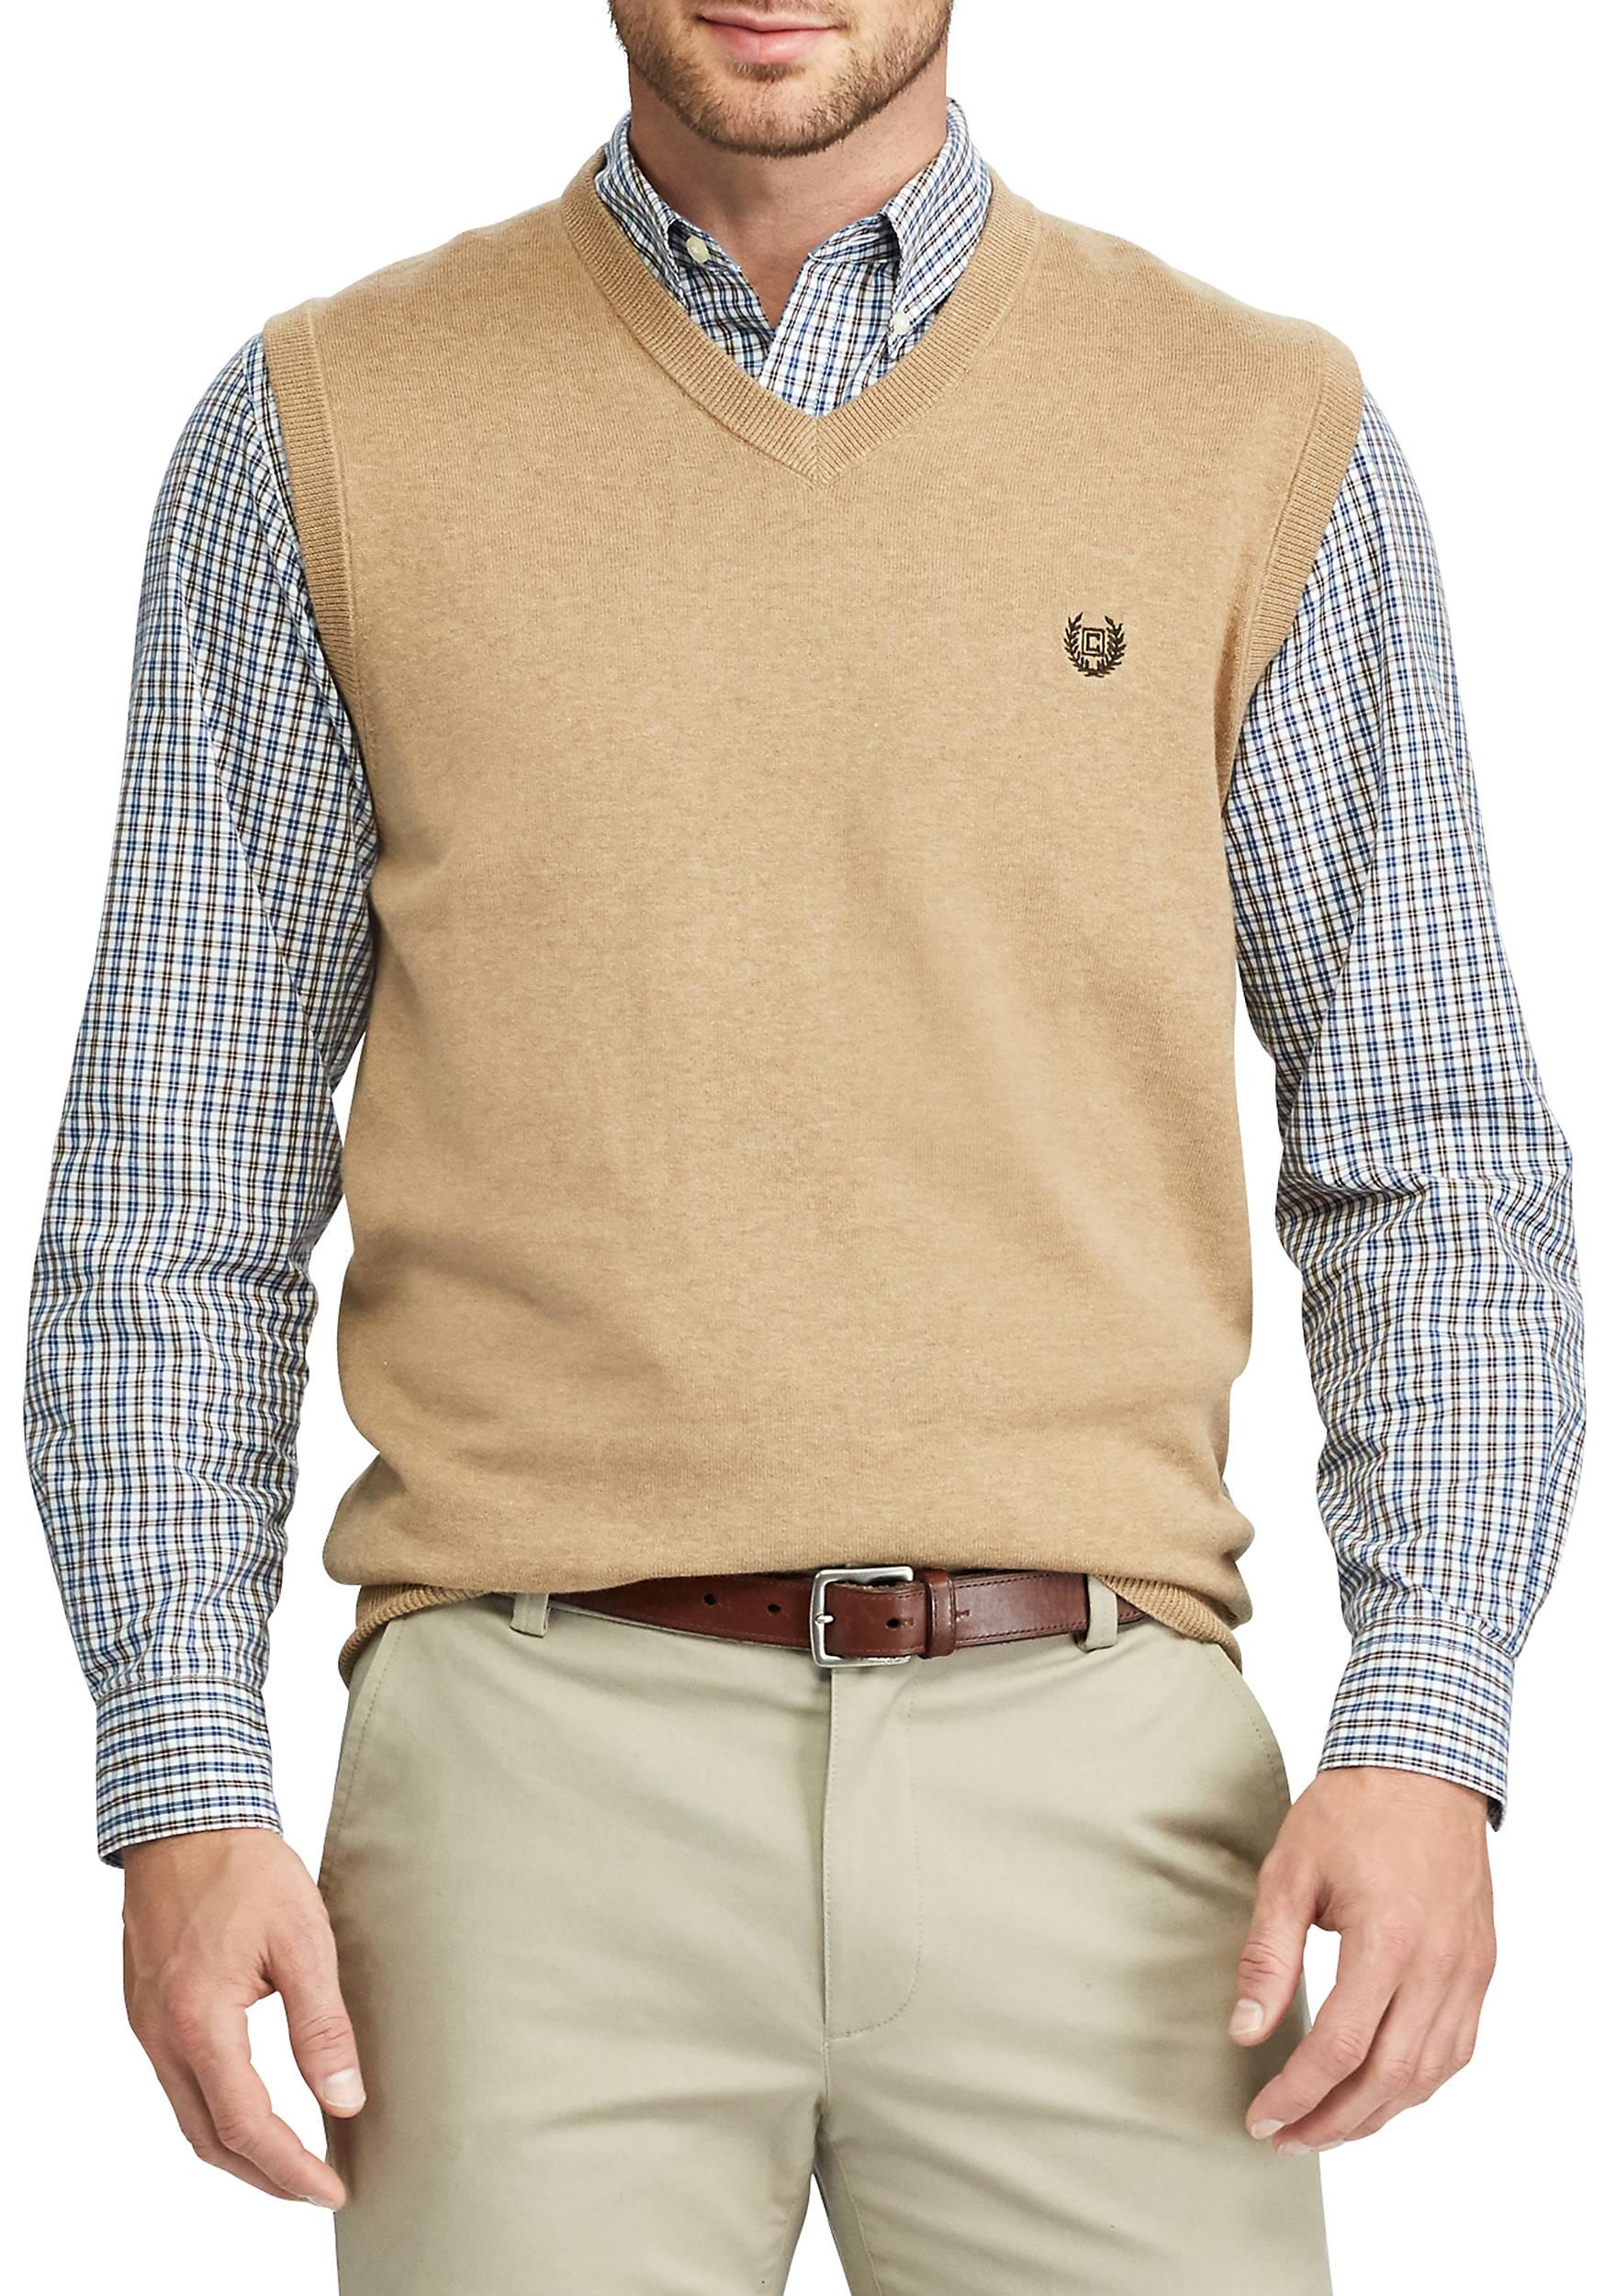 Chaps Solid Sweater Vest | belk